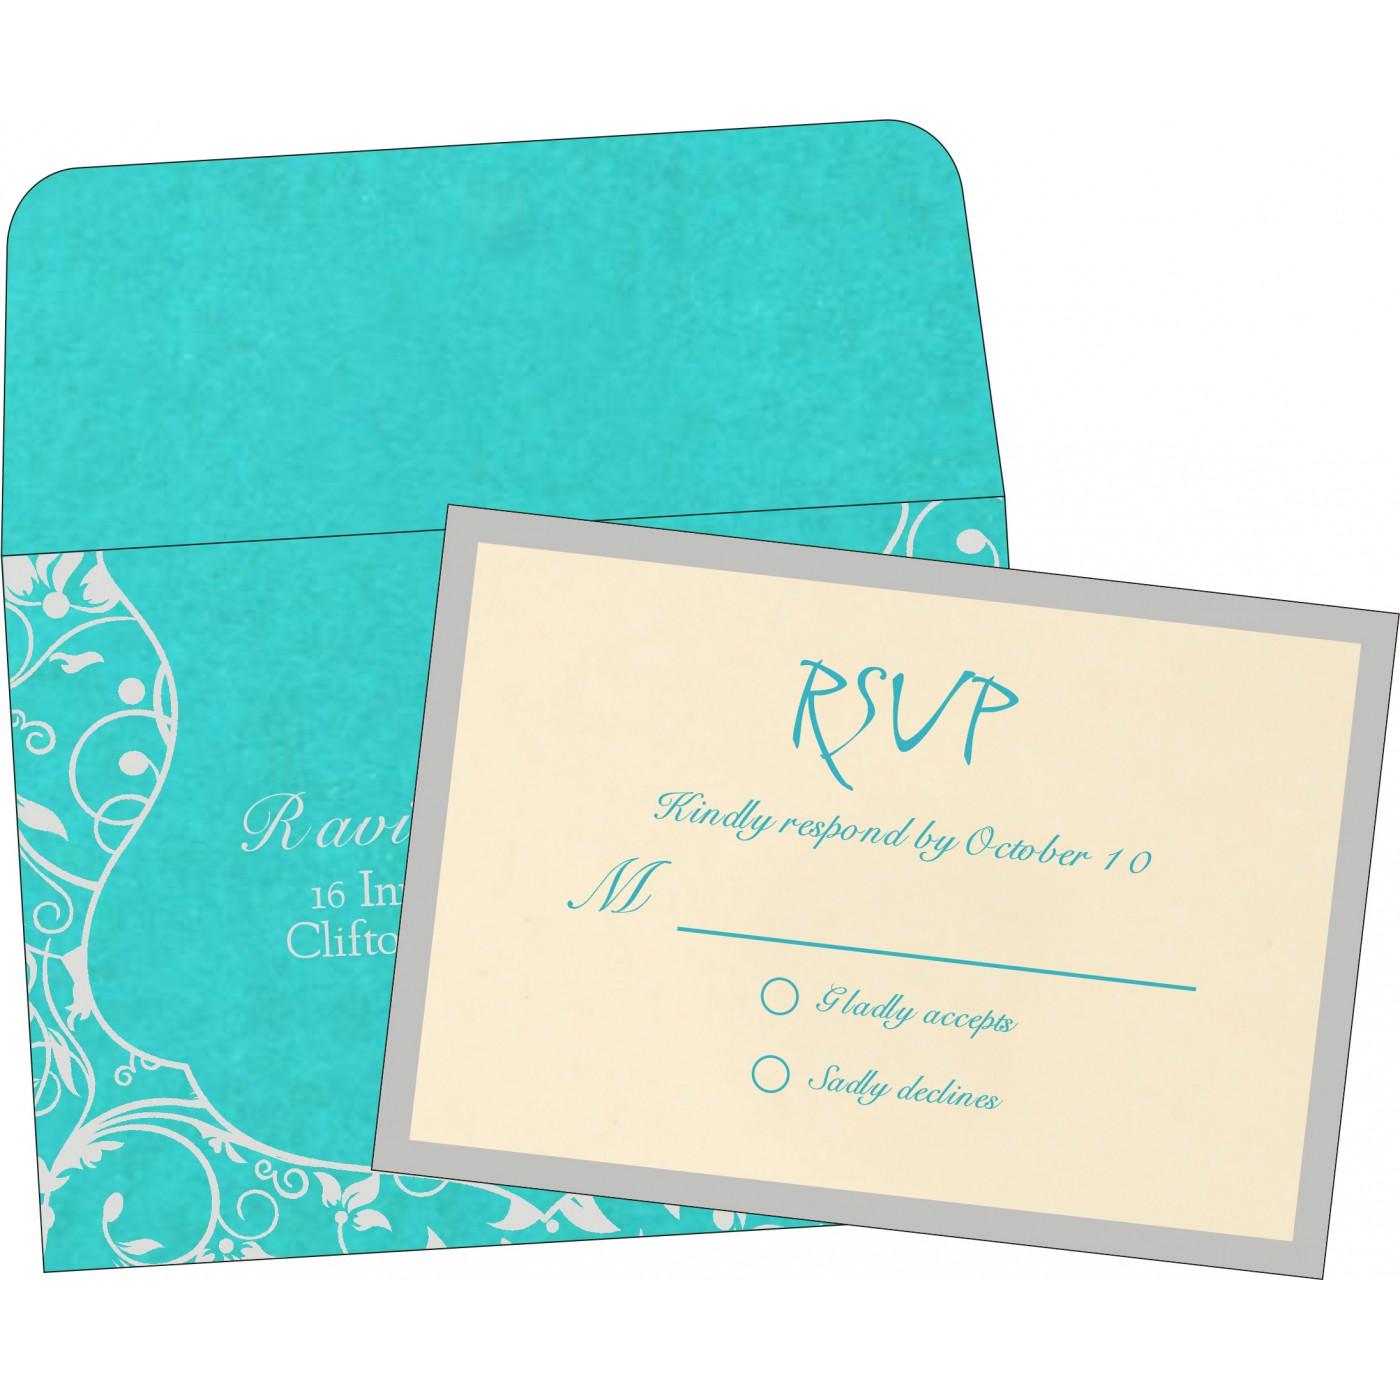 RSVP Cards - RSVP-8229M